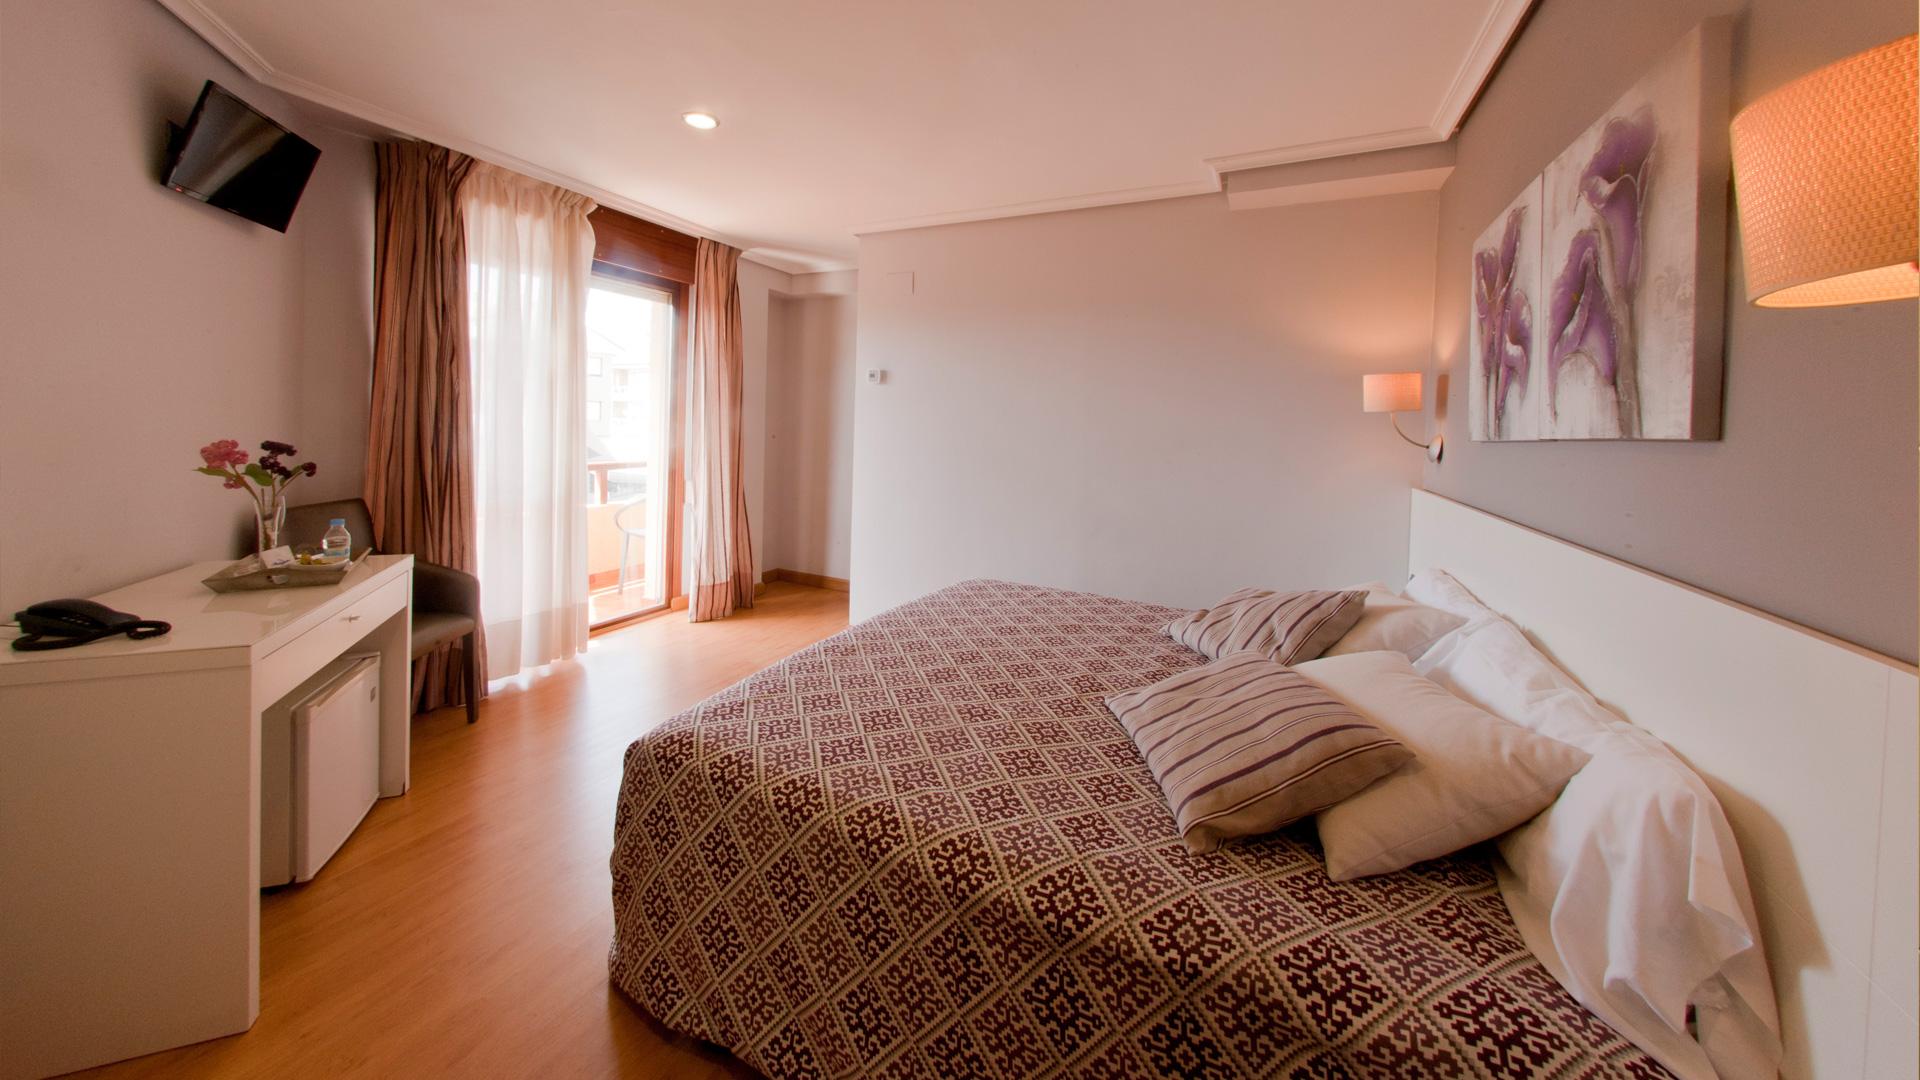 hotel-las-olas-habitacion-clasica-01